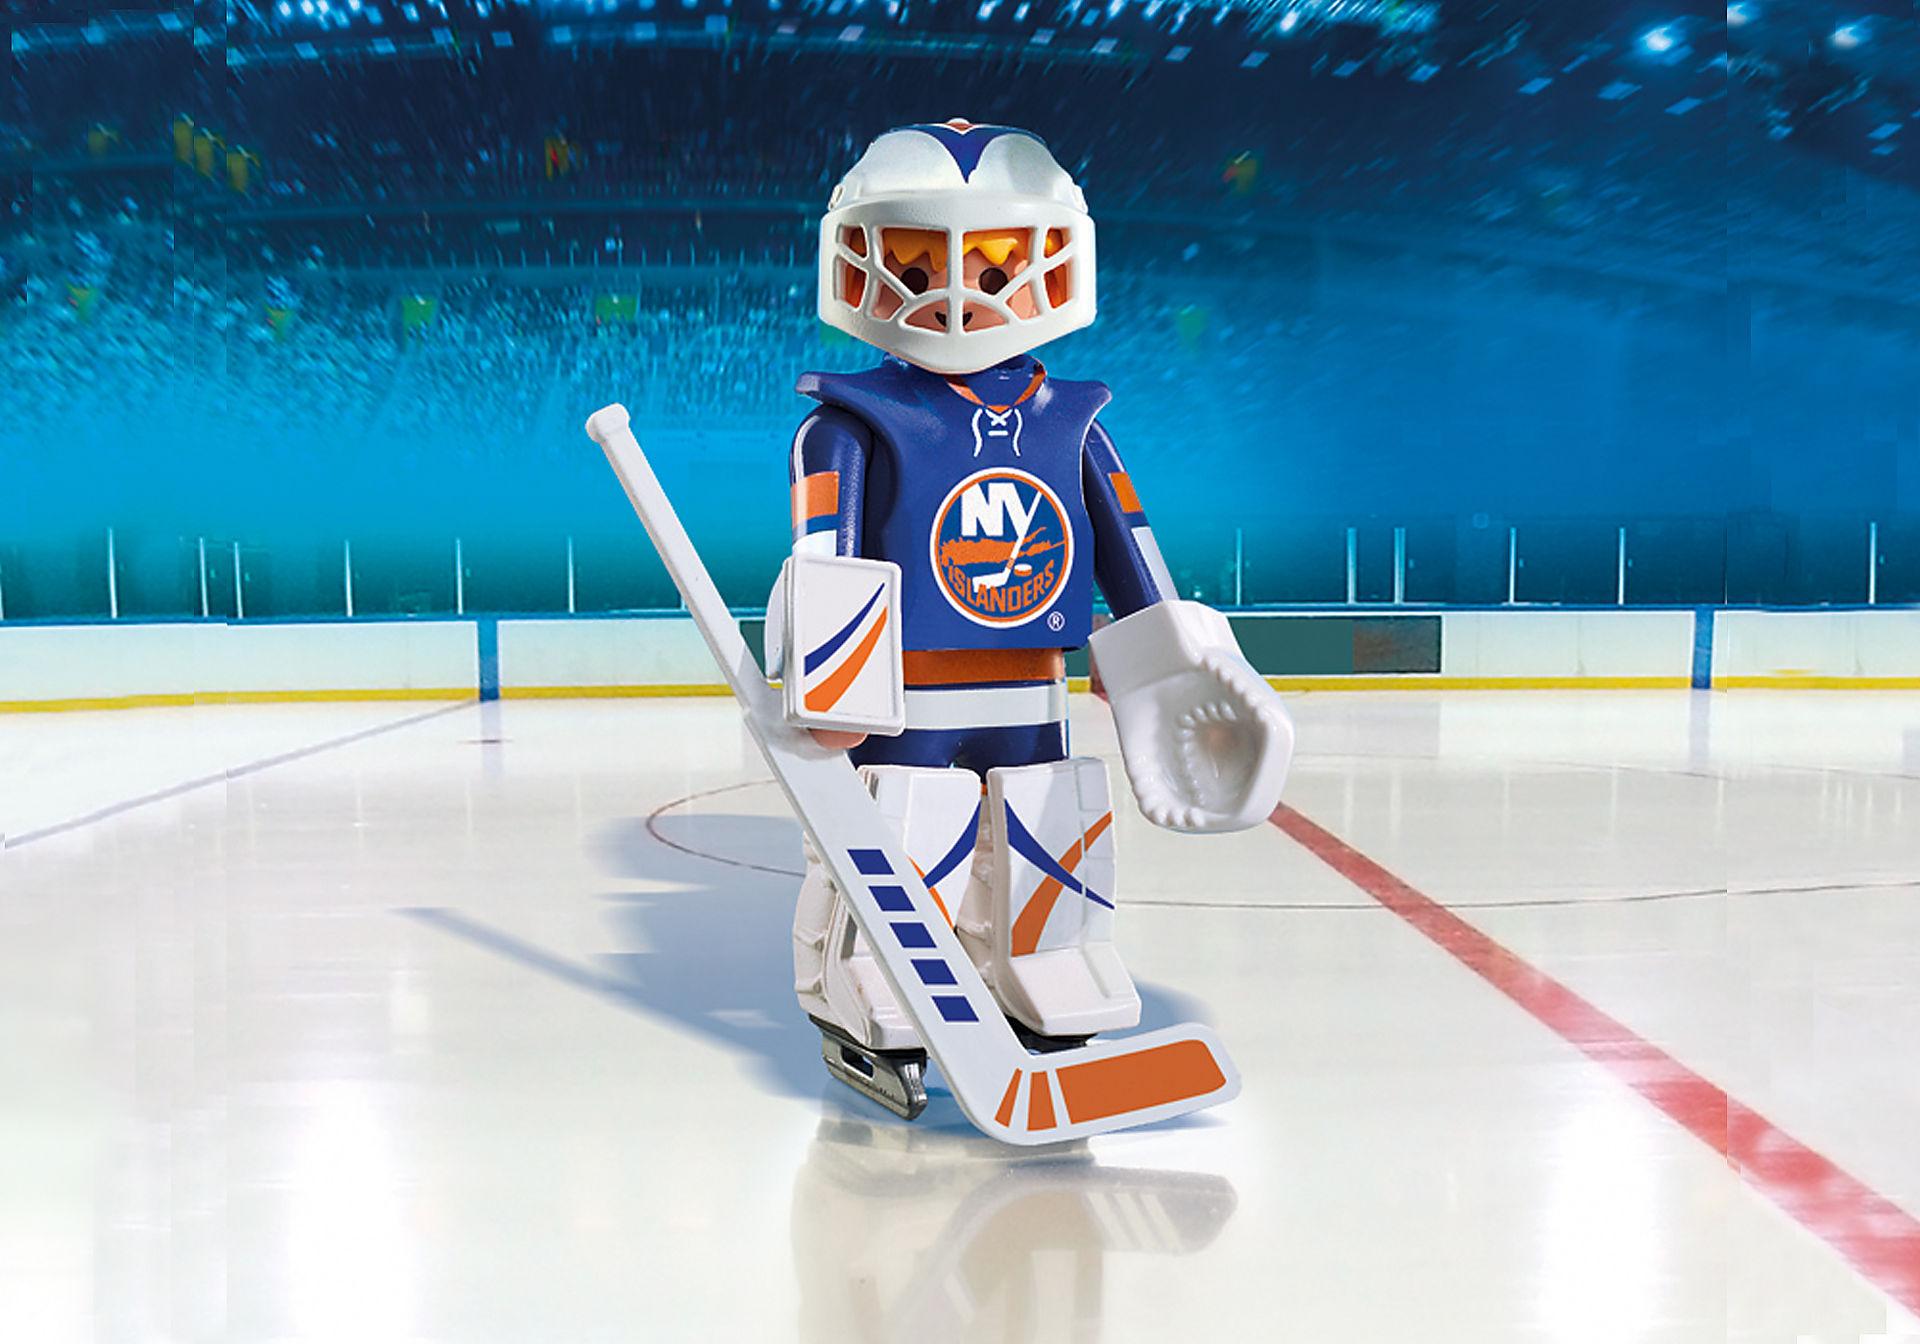 9098 NHL™ New York Islanders™ Goalie zoom image1